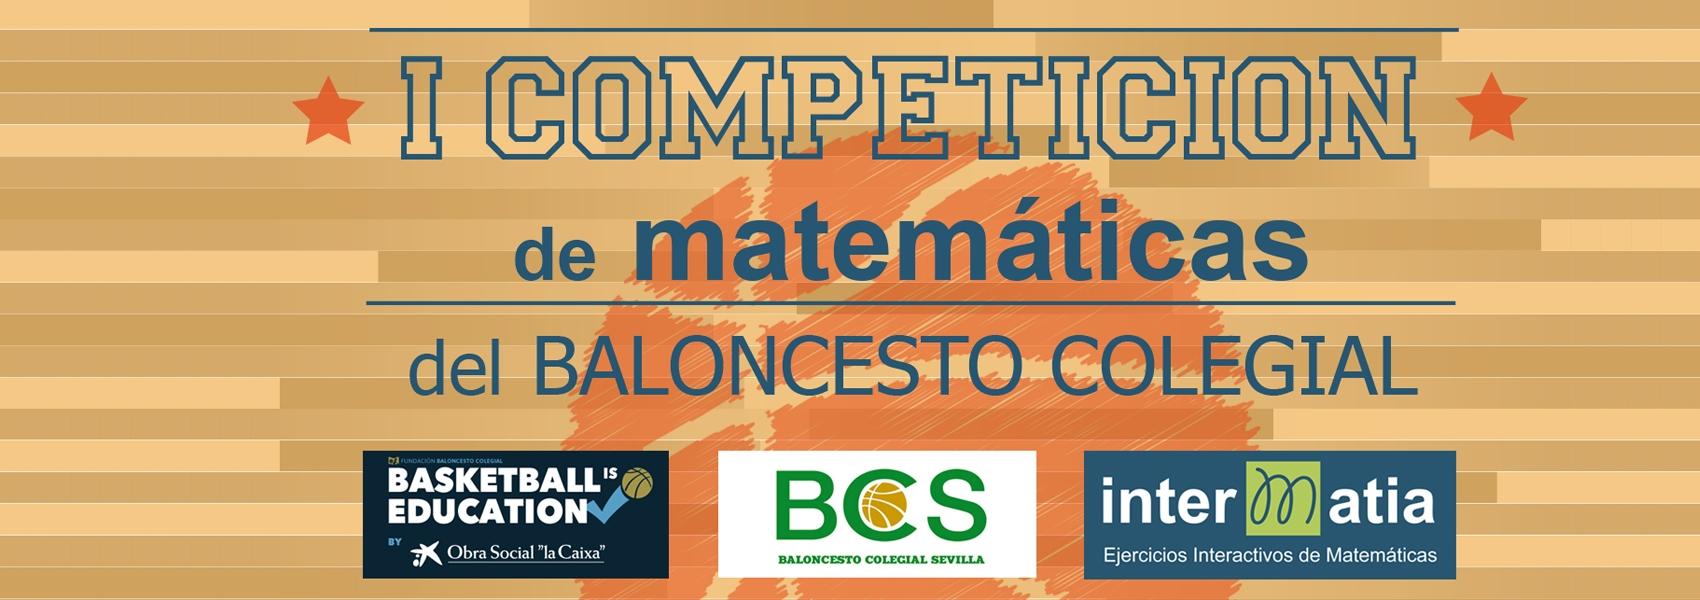 Matemáticas y baloncesto